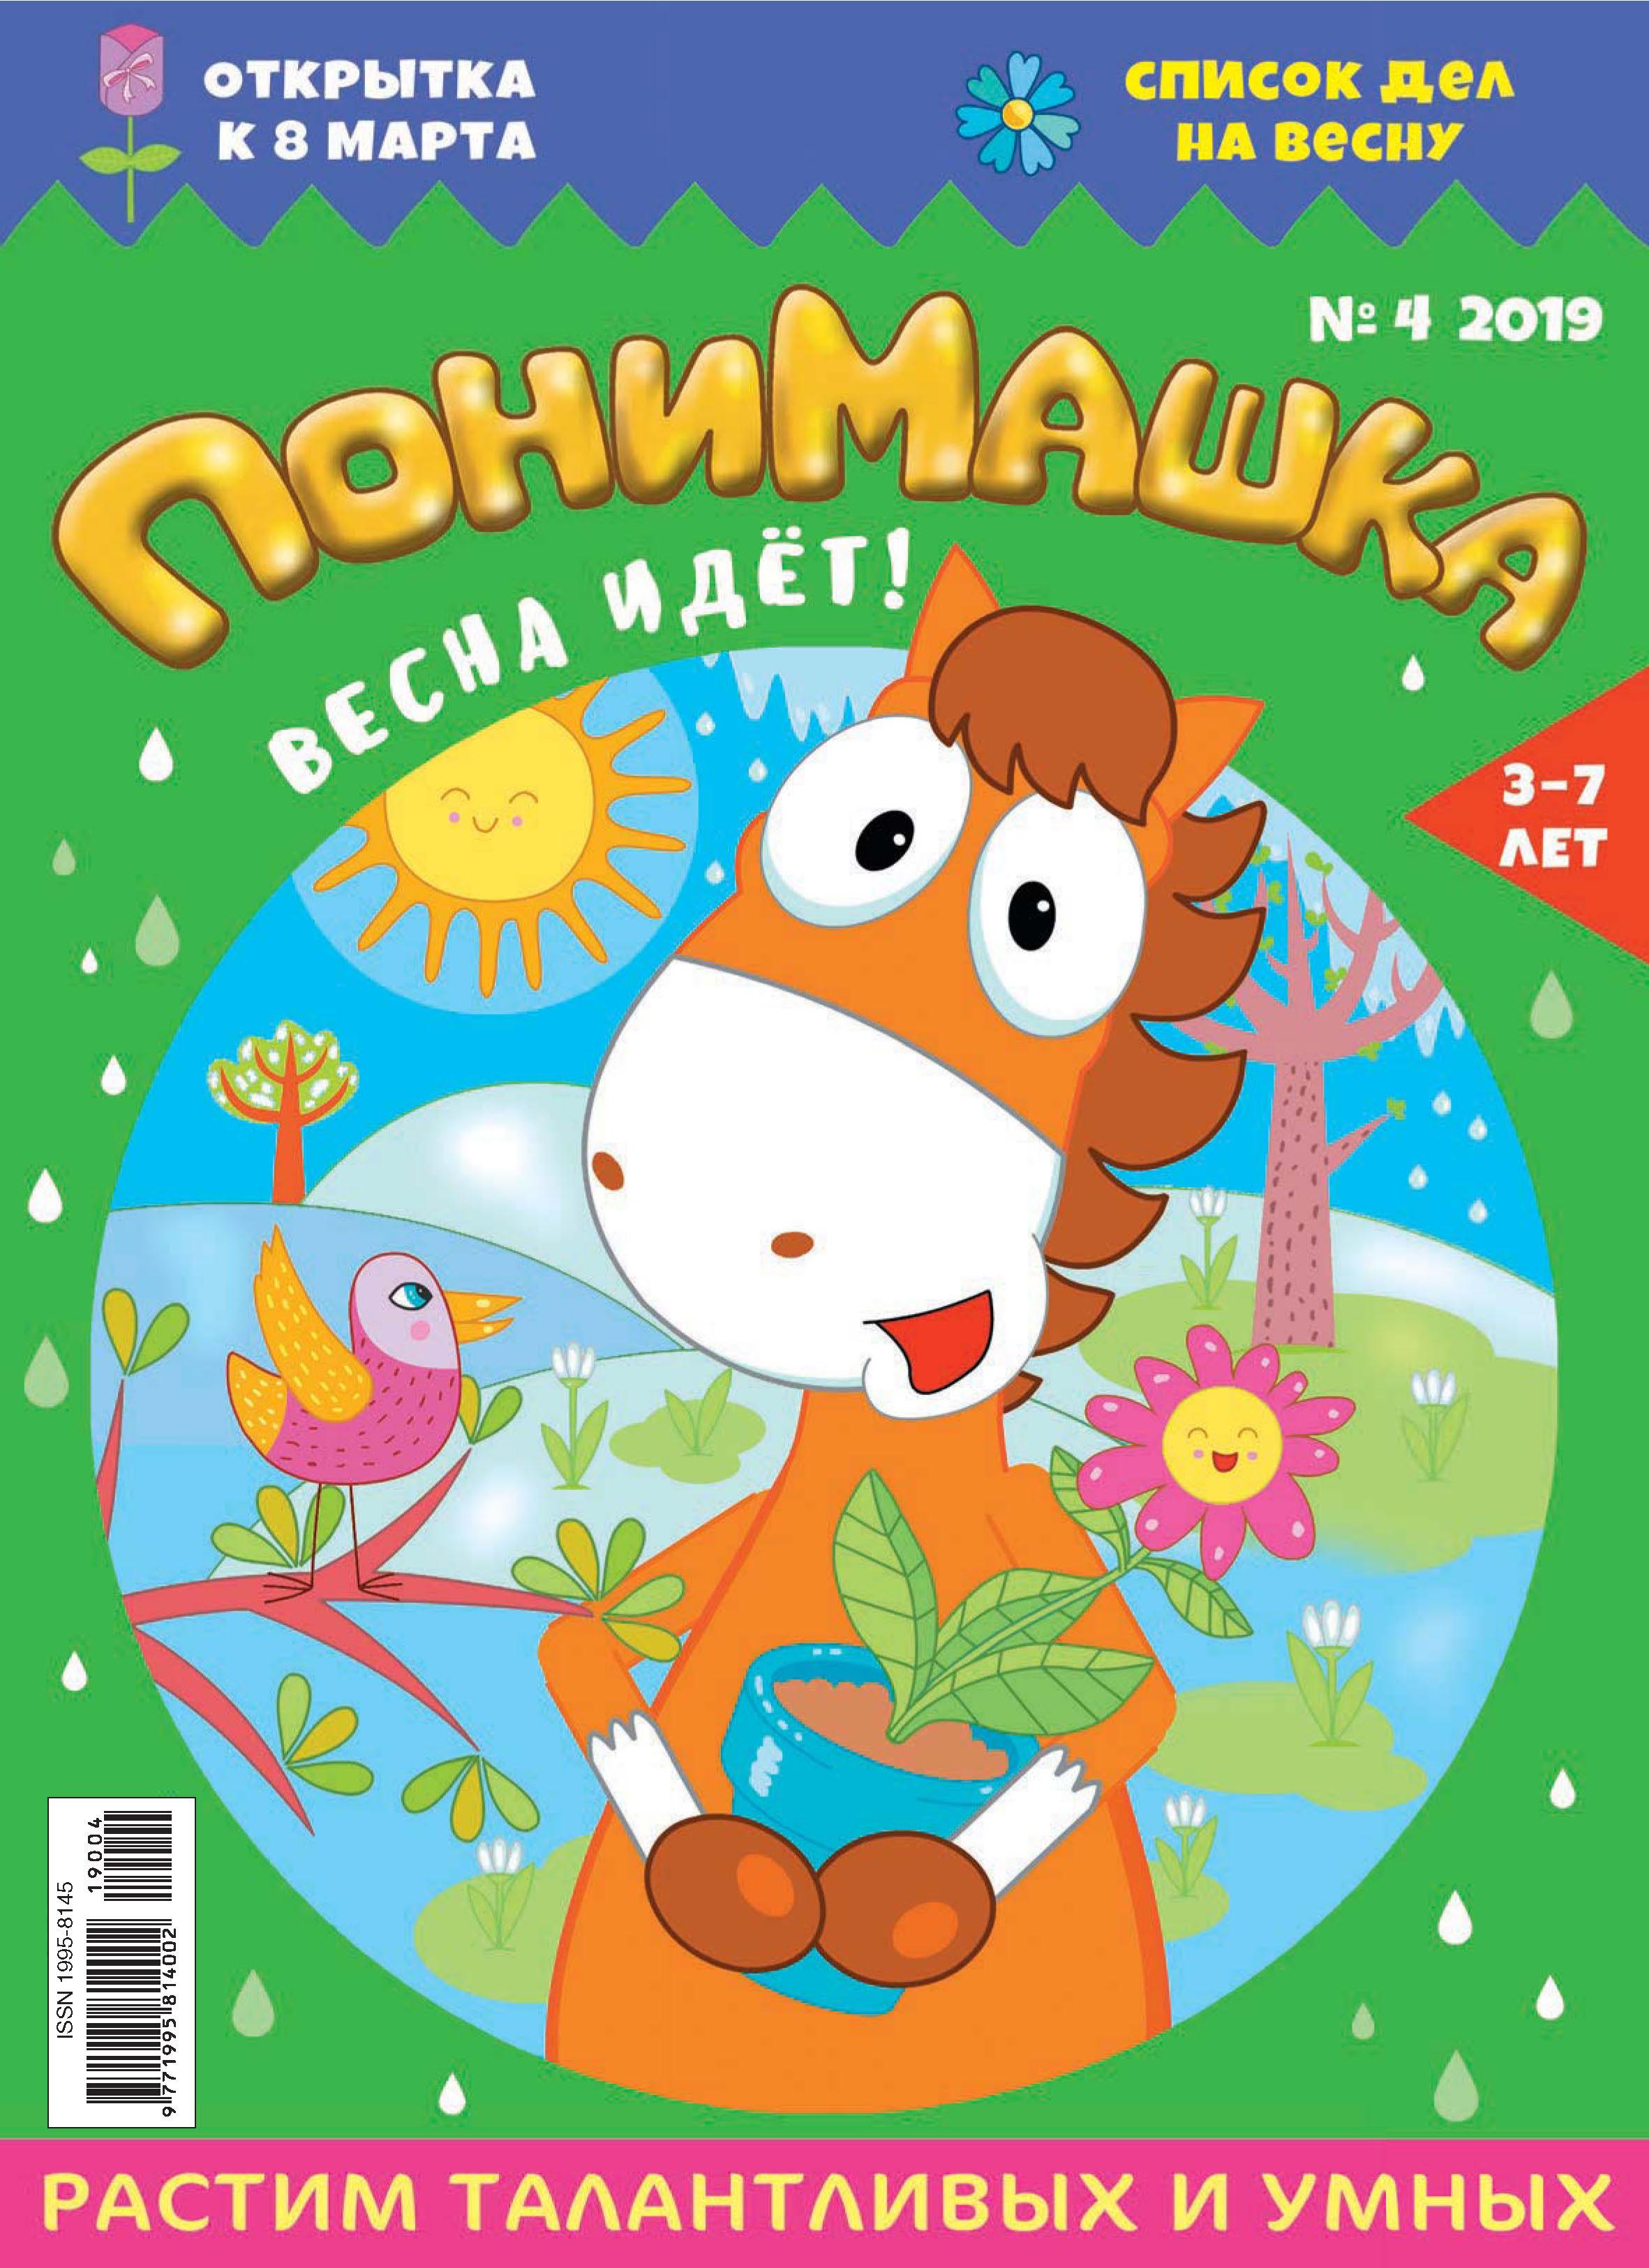 ПониМашка. Развлекательно-развивающий журнал. №04/2019